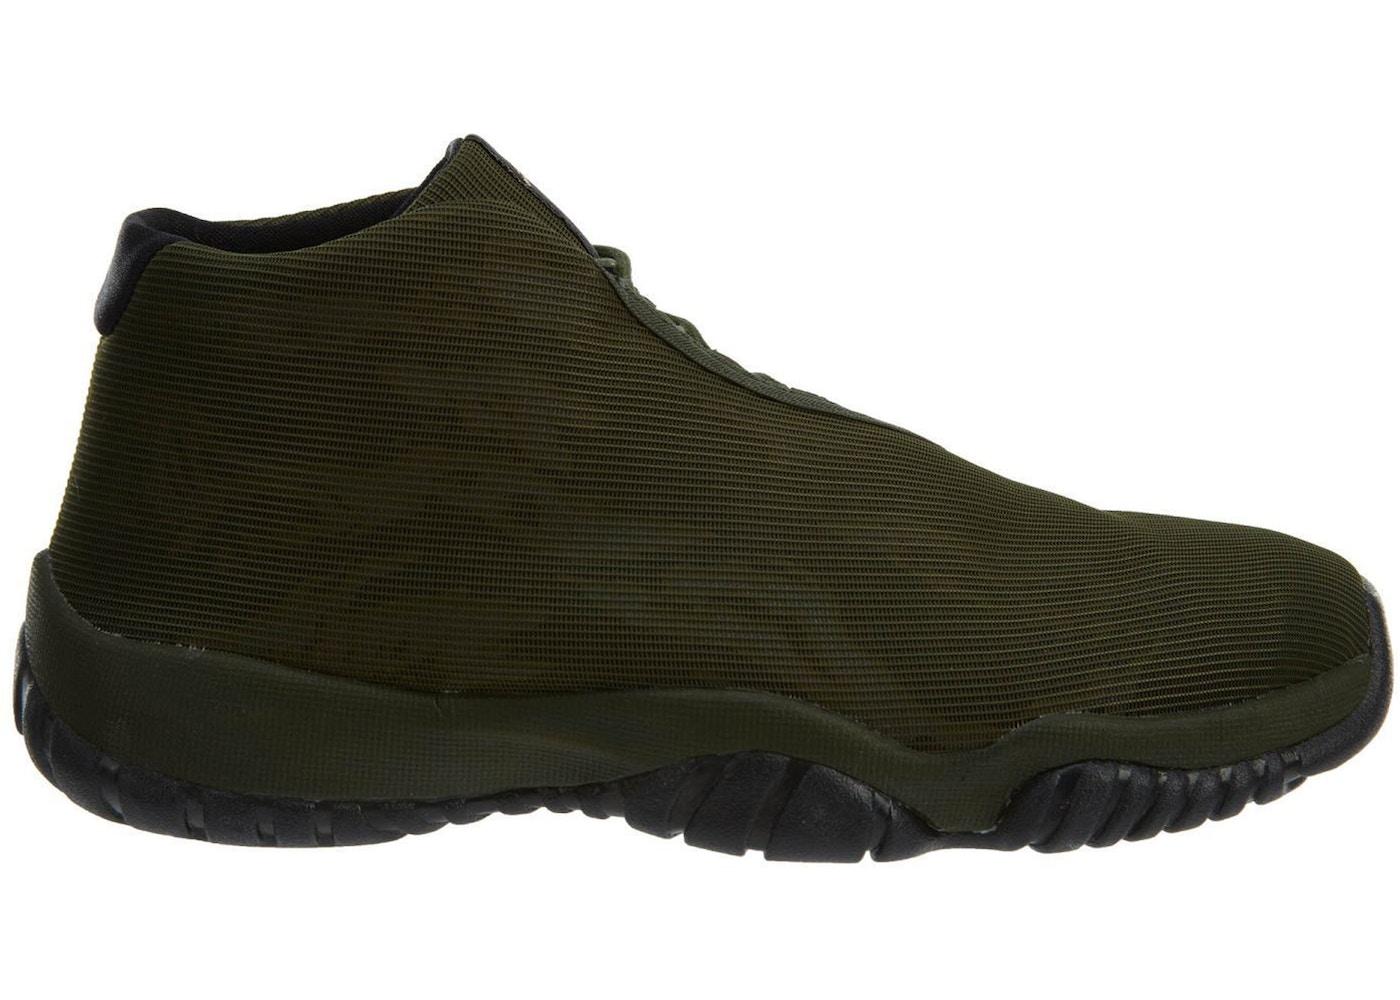 hot sale online 7a48f bf28c Jordan Future Green Camo - 656503-301